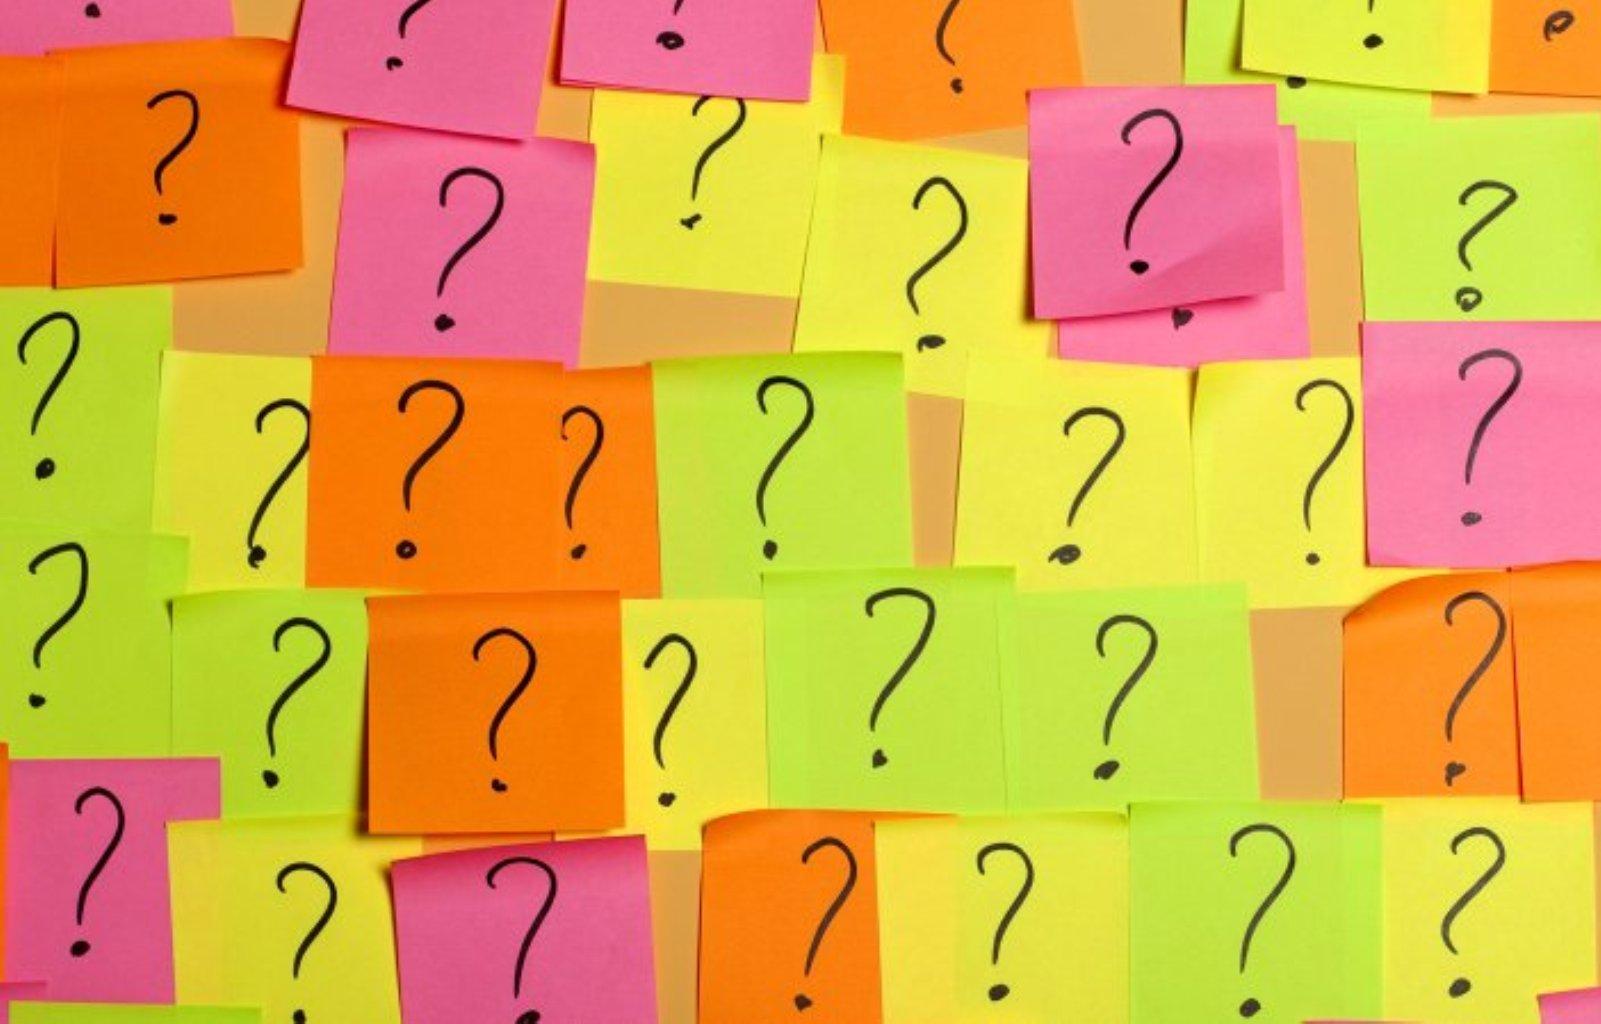 https://cdn2.hubspot.net/hubfs/2470171/blog/Question%20Marks.jpg Feature Image